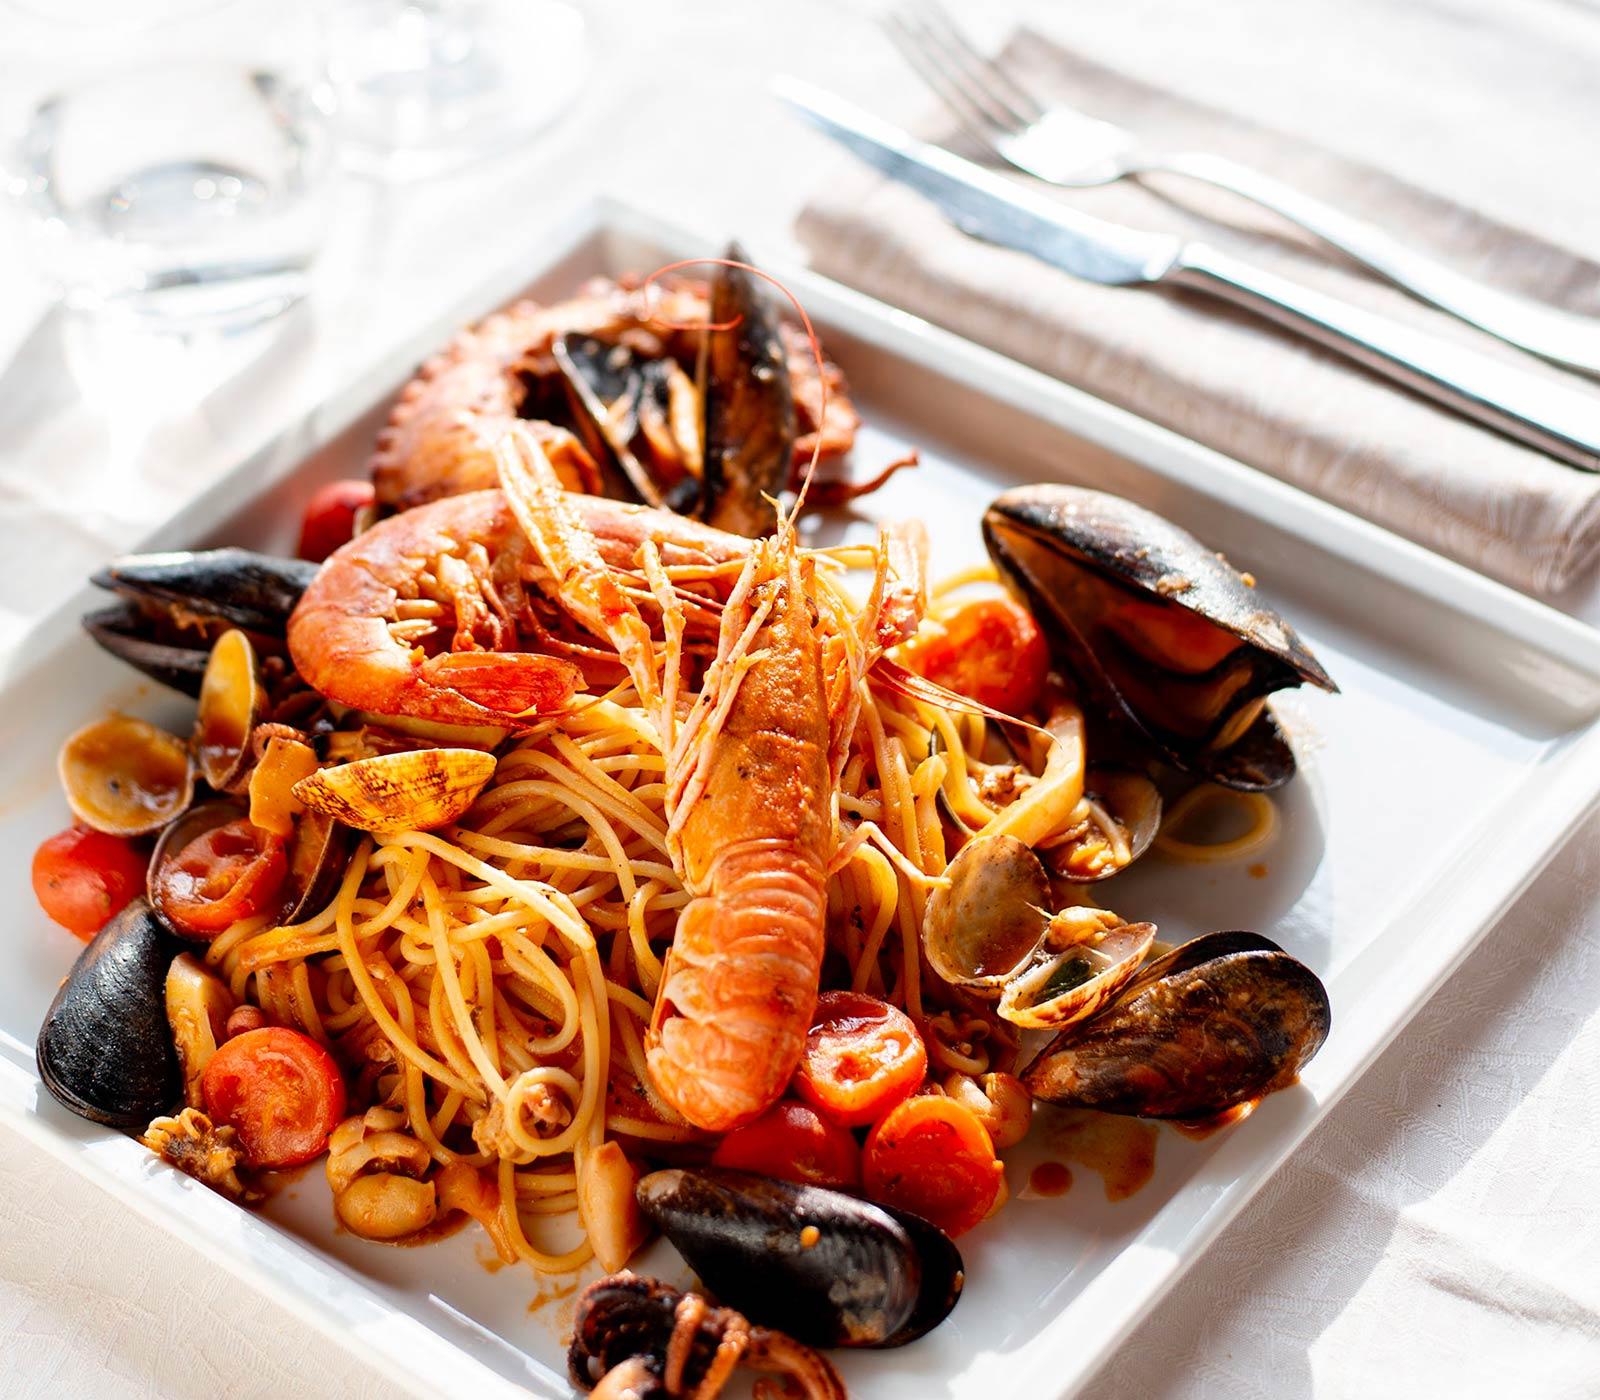 mangiare pesce in ristorante torino